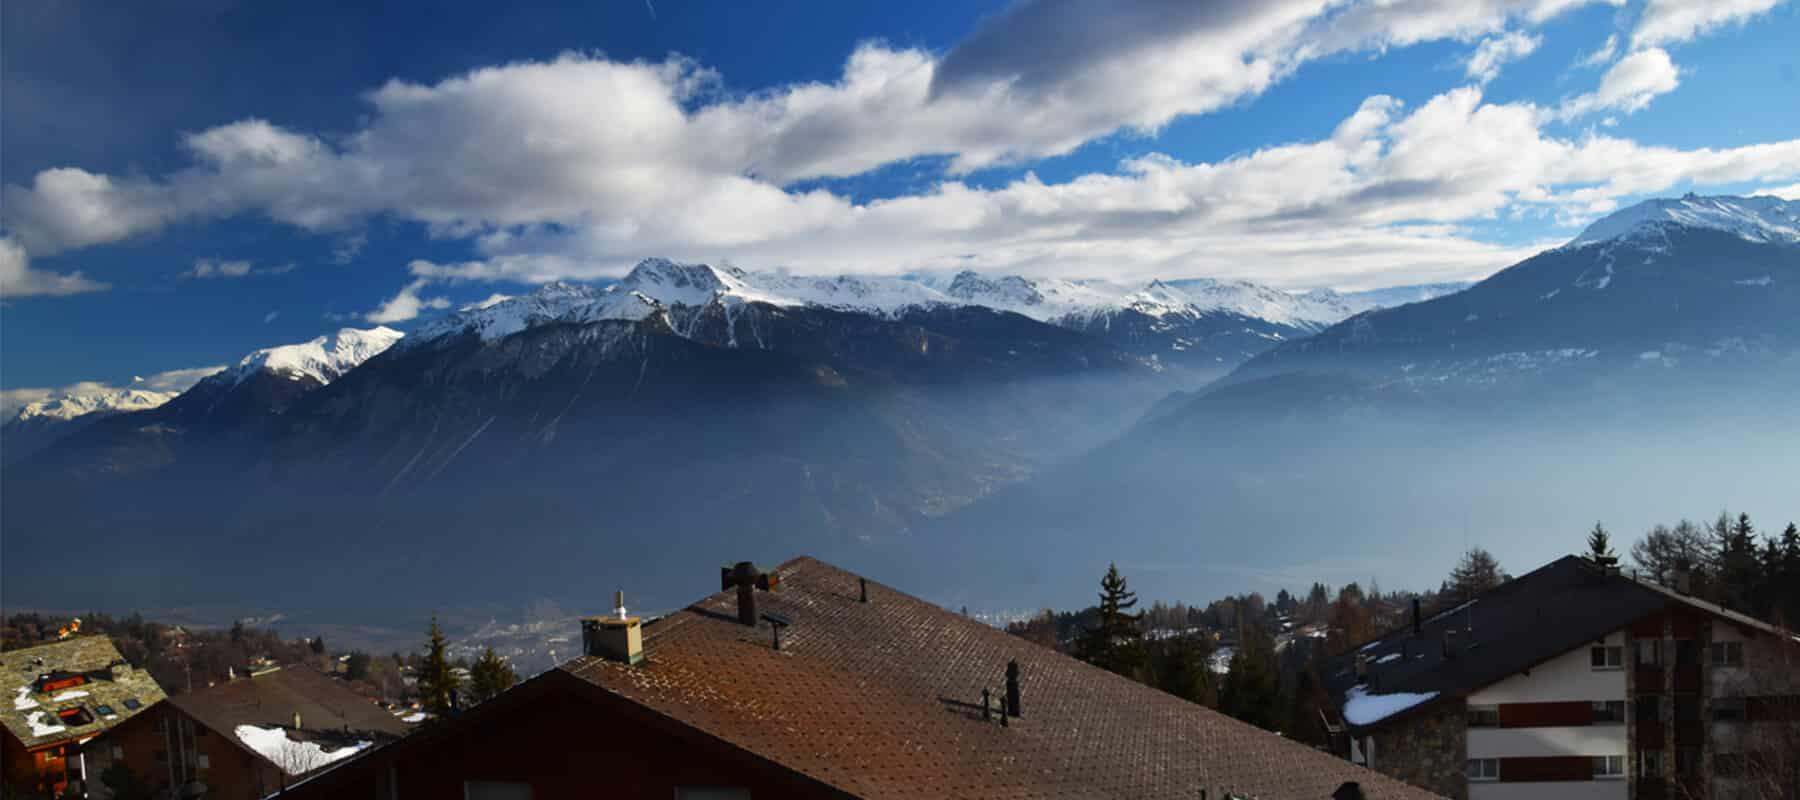 Suisse : la rencontre improbable